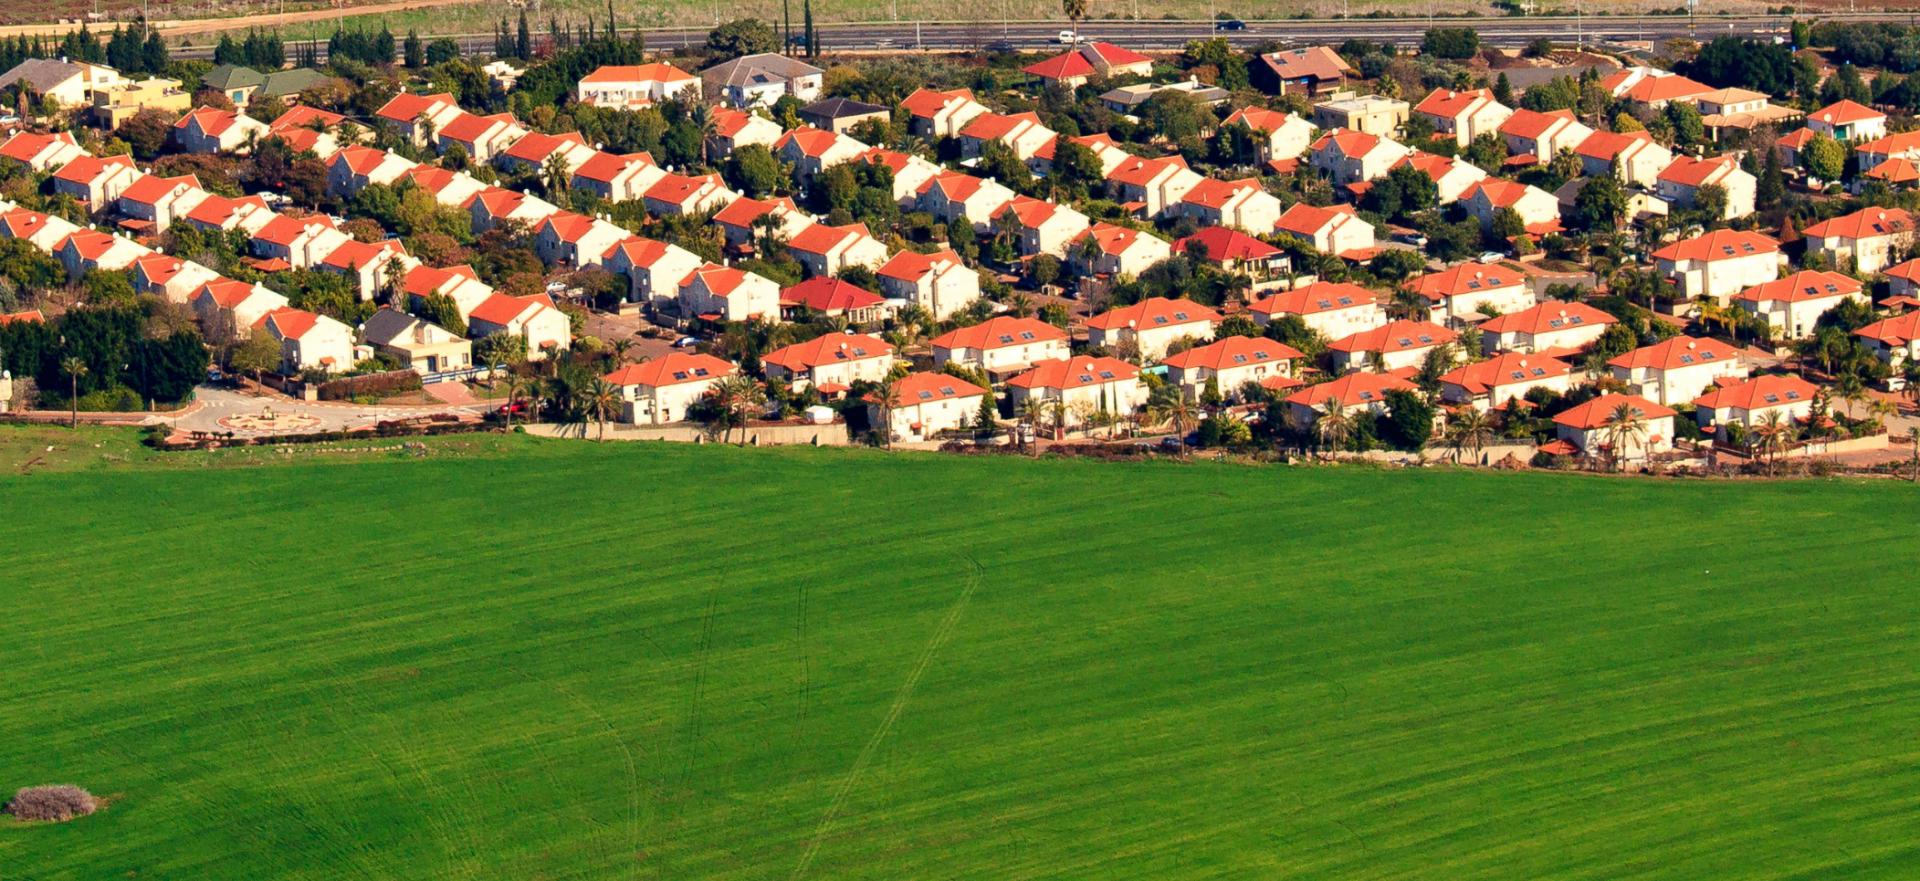 A feild next to houses